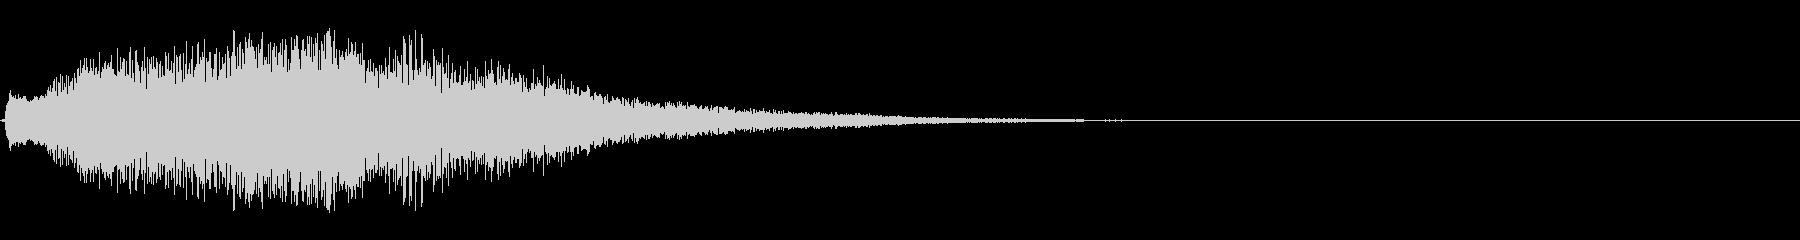 高オーケストラサスペンスアクセント1の未再生の波形